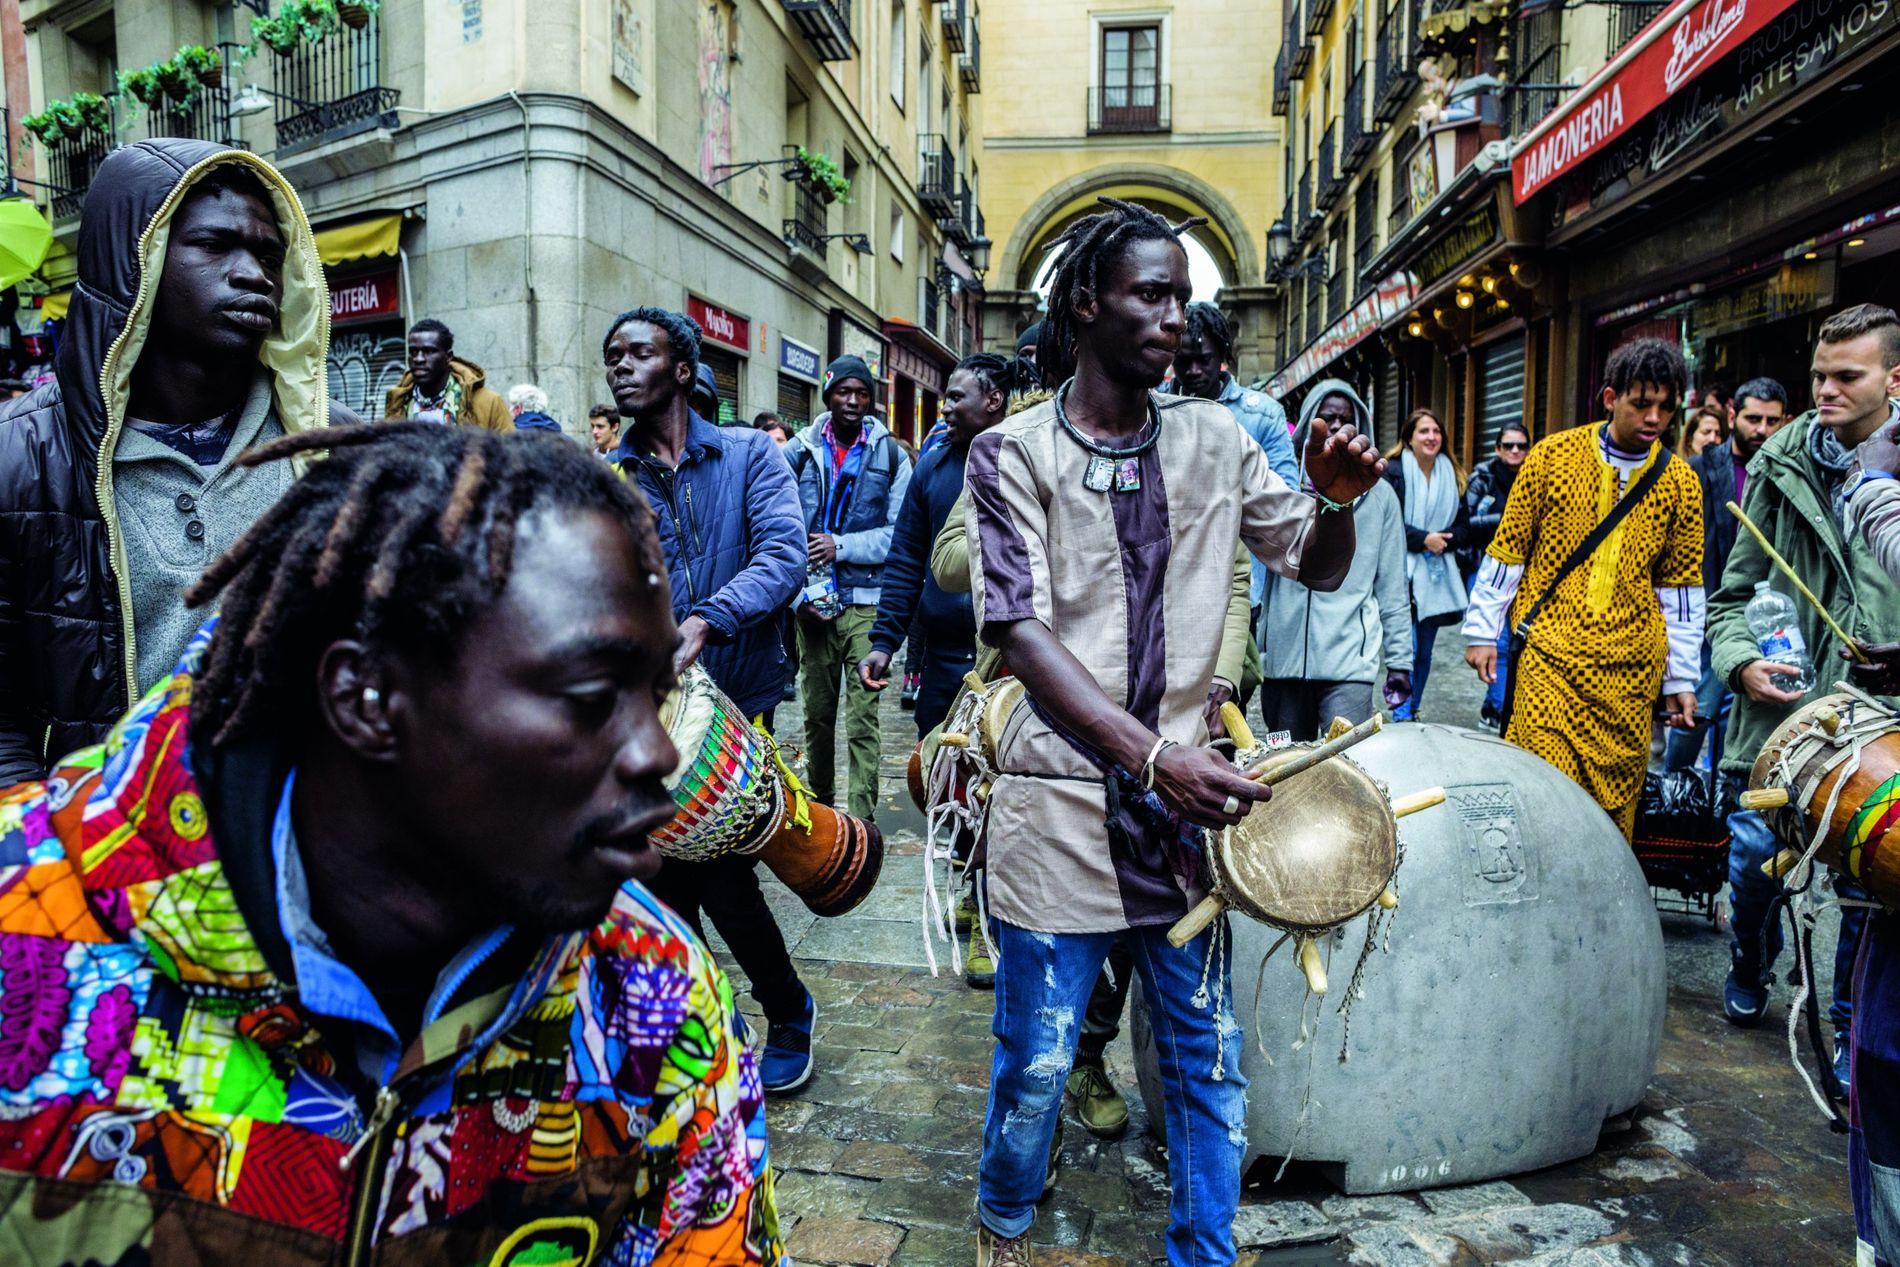 À l'entrée de l'historique Plaza Mayor, à Madrid, des immigrés sénégalais profitent d'une pause pour célébrer ...